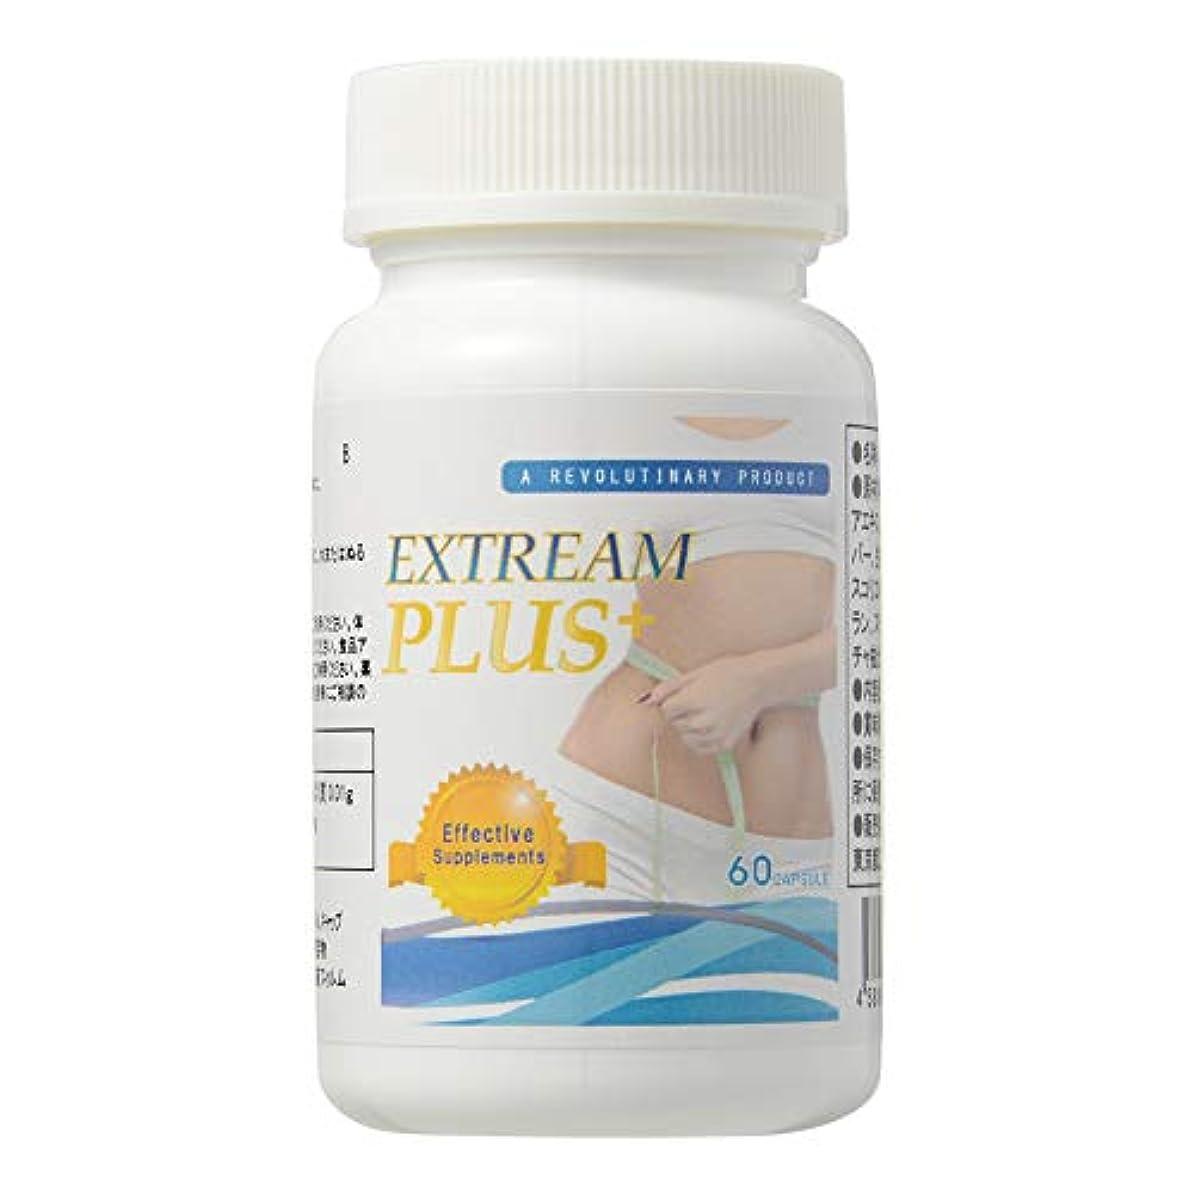 アリスアリス賞Extream Plus (エクストリームプラス) 栄養補助食品 L-カルニチン サプリメント [250mg×60粒/ 説明書付き]